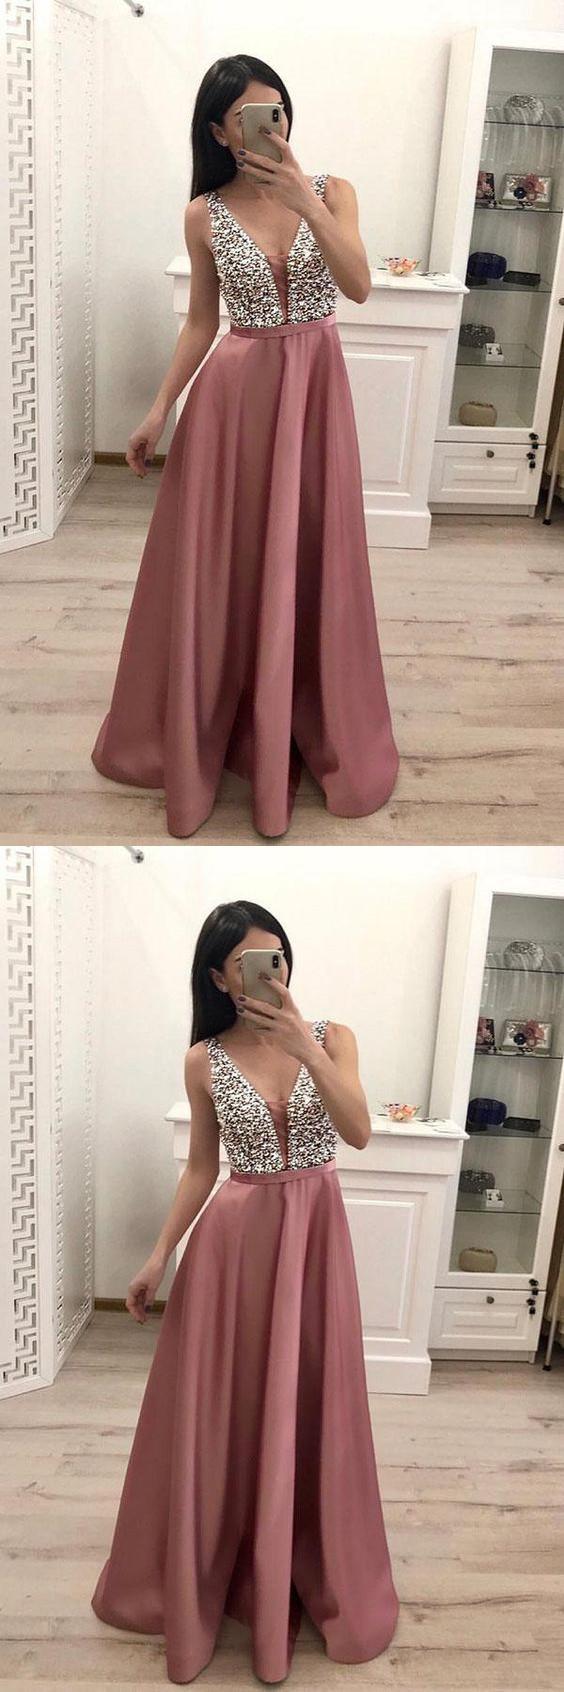 Stunning V Neck Sleeveless Satin with Beading Floor Length Prom Dresses